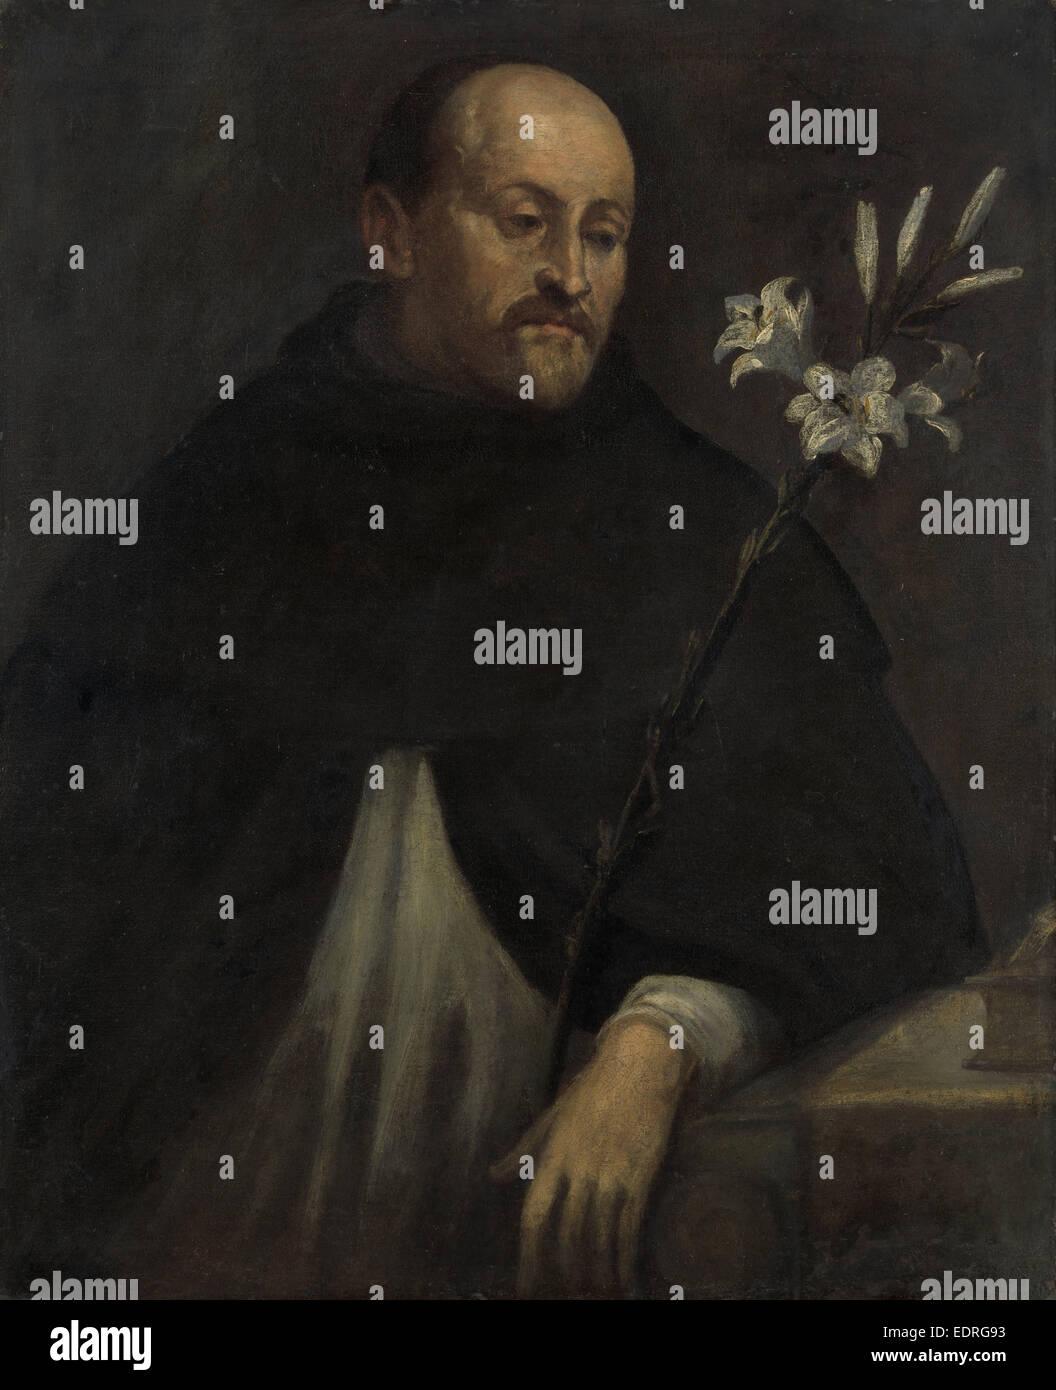 Saint Dominic, Anonymous, 1550 - 1600 - Stock Image